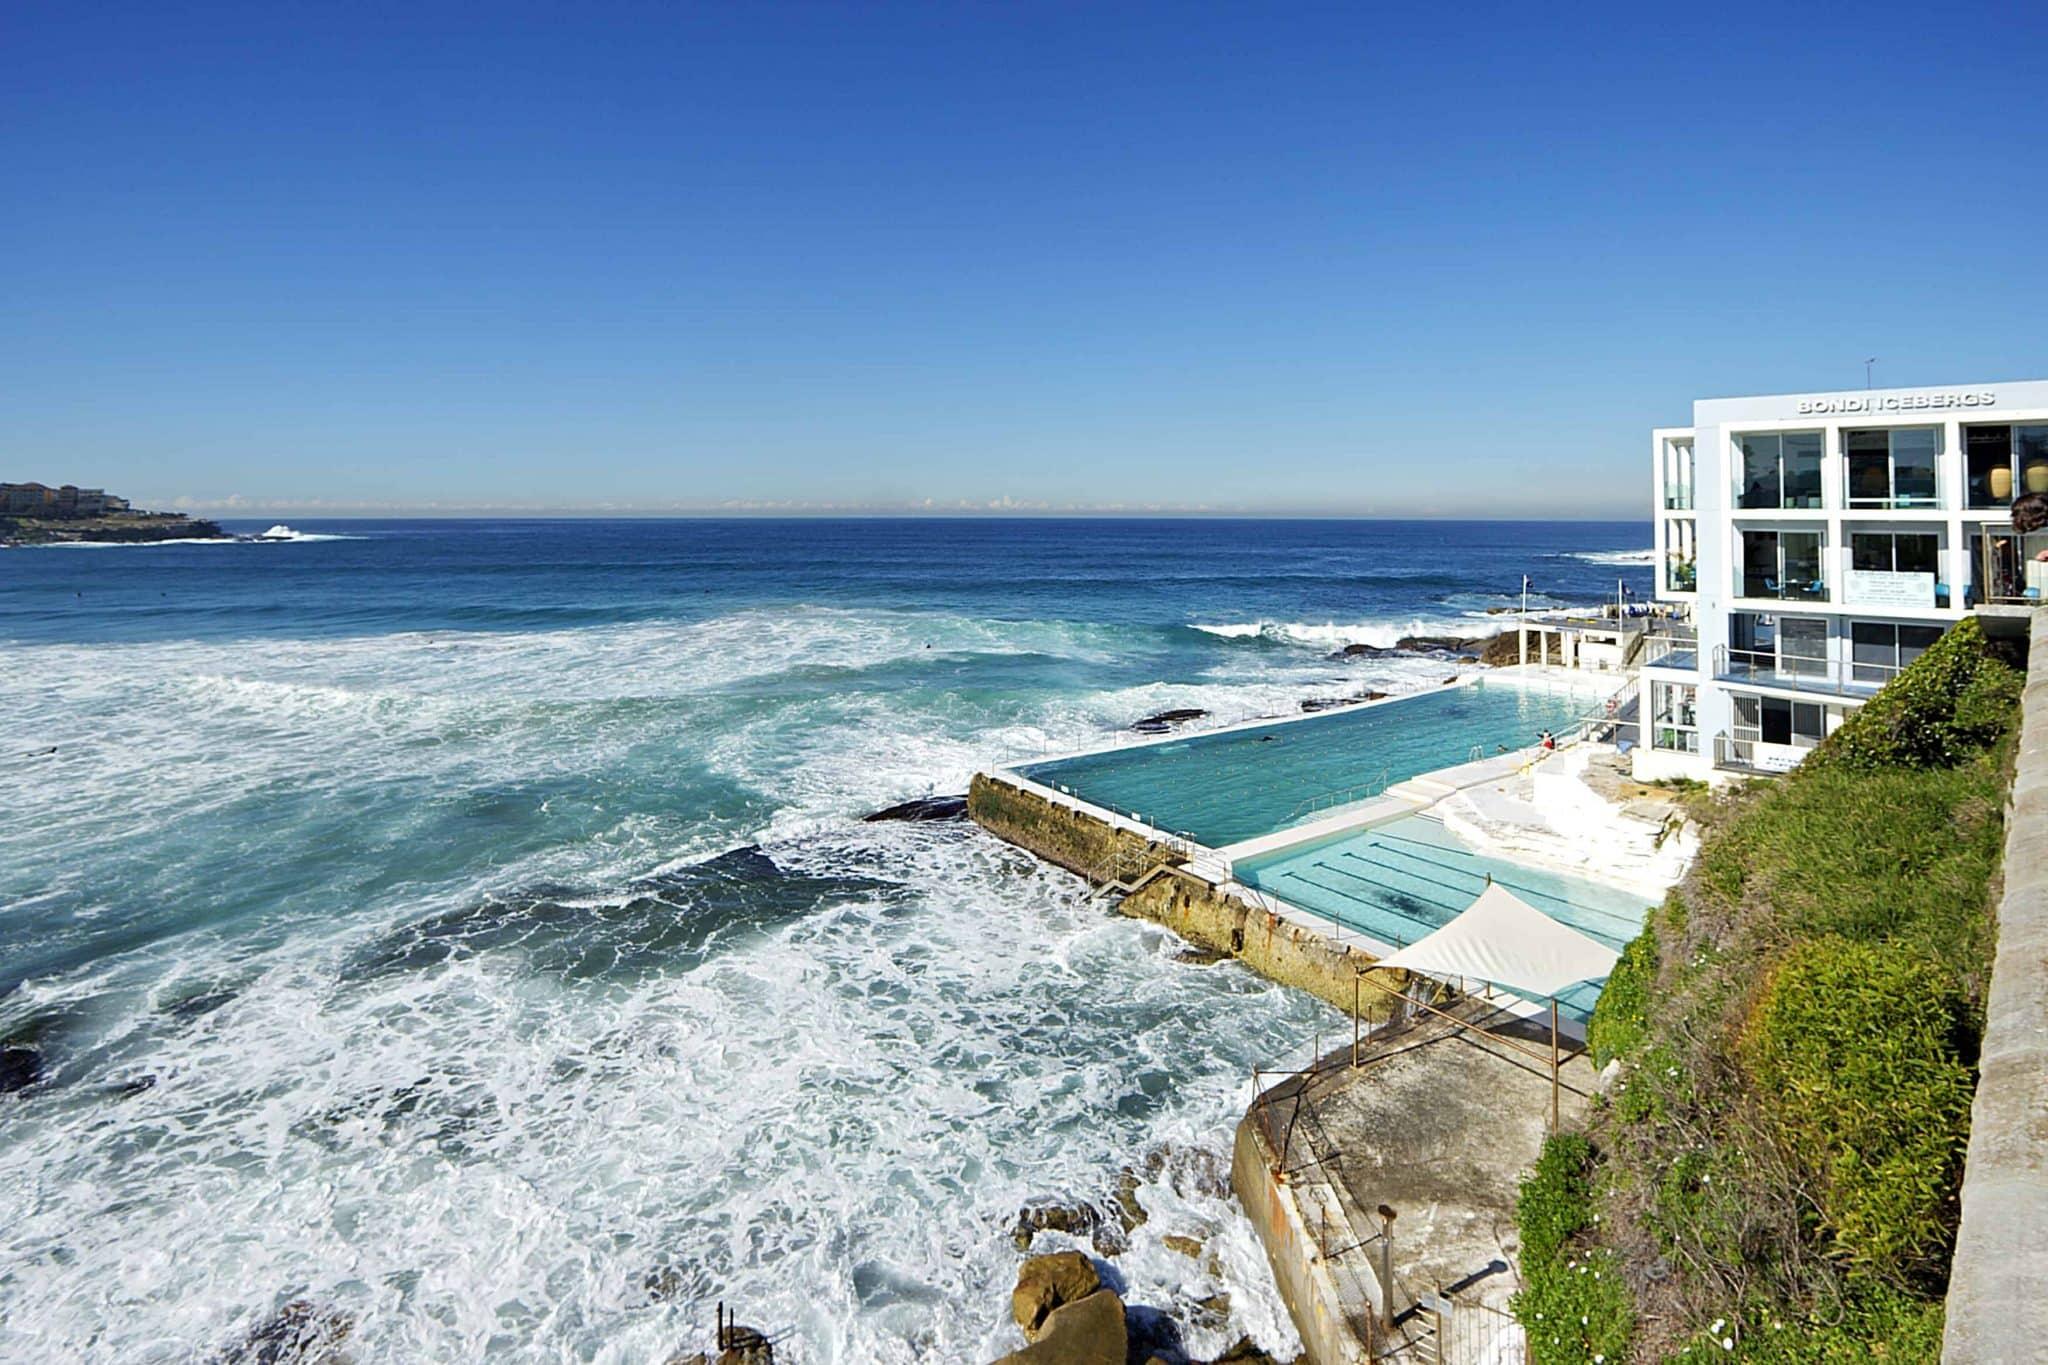 Kết quả hình ảnh cho Bondi Beach